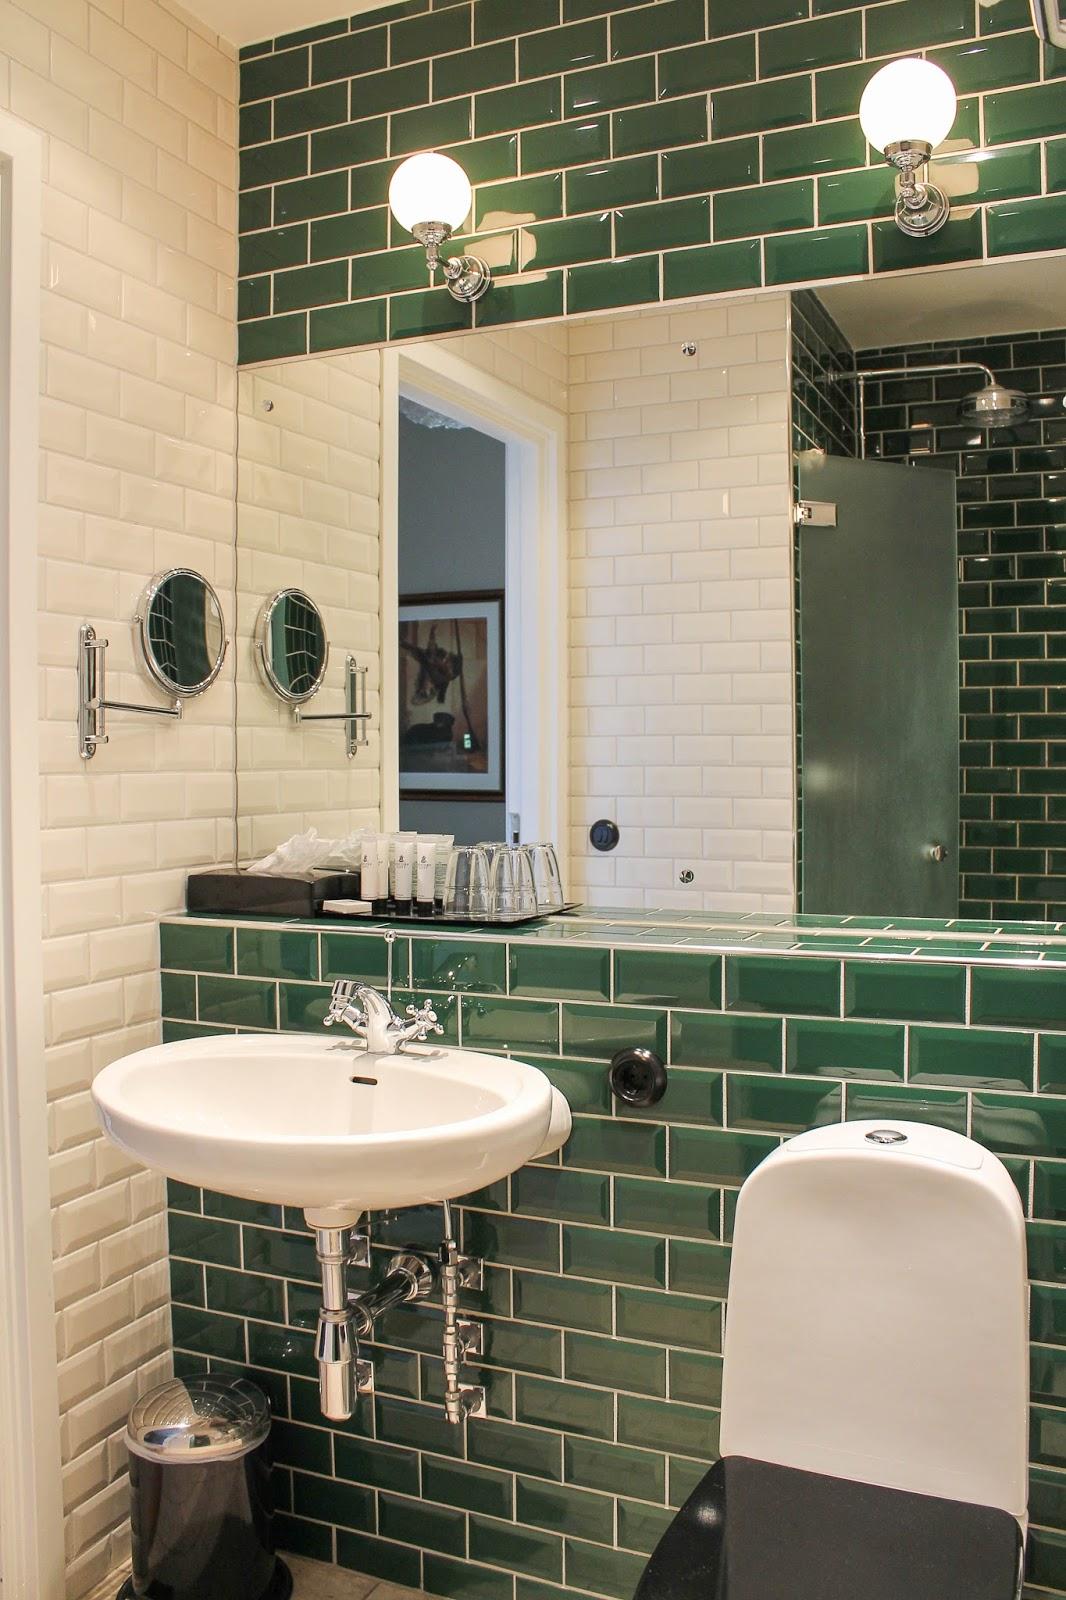 Snyggt badrum kakel ~ xellen.com